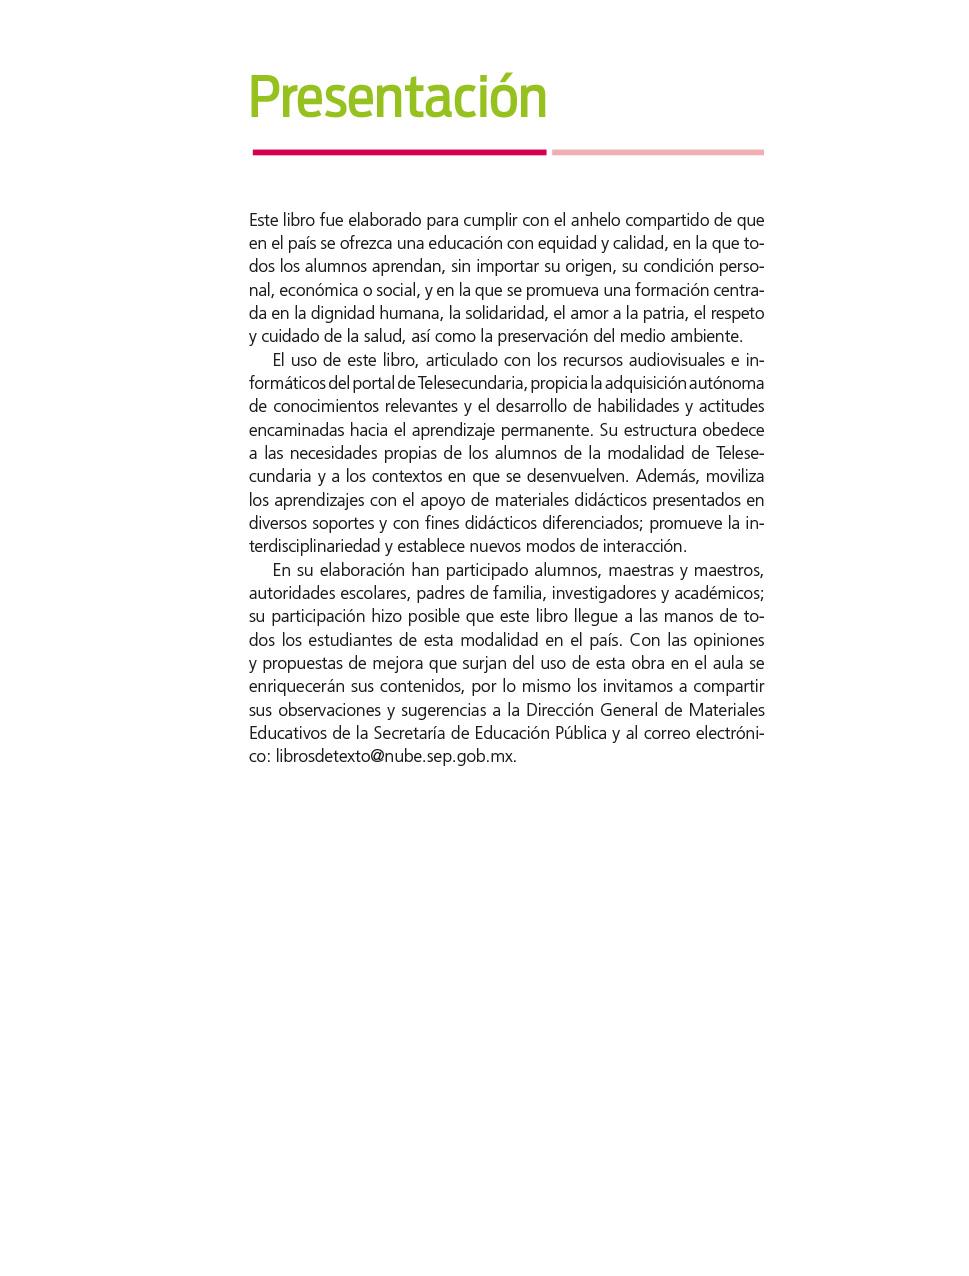 Lengua Materna Espanol Segundo Grado Volumen Ii Libro De Telesecundaria Grado 2 Comision Nacional De Libros De Texto Gratuitos